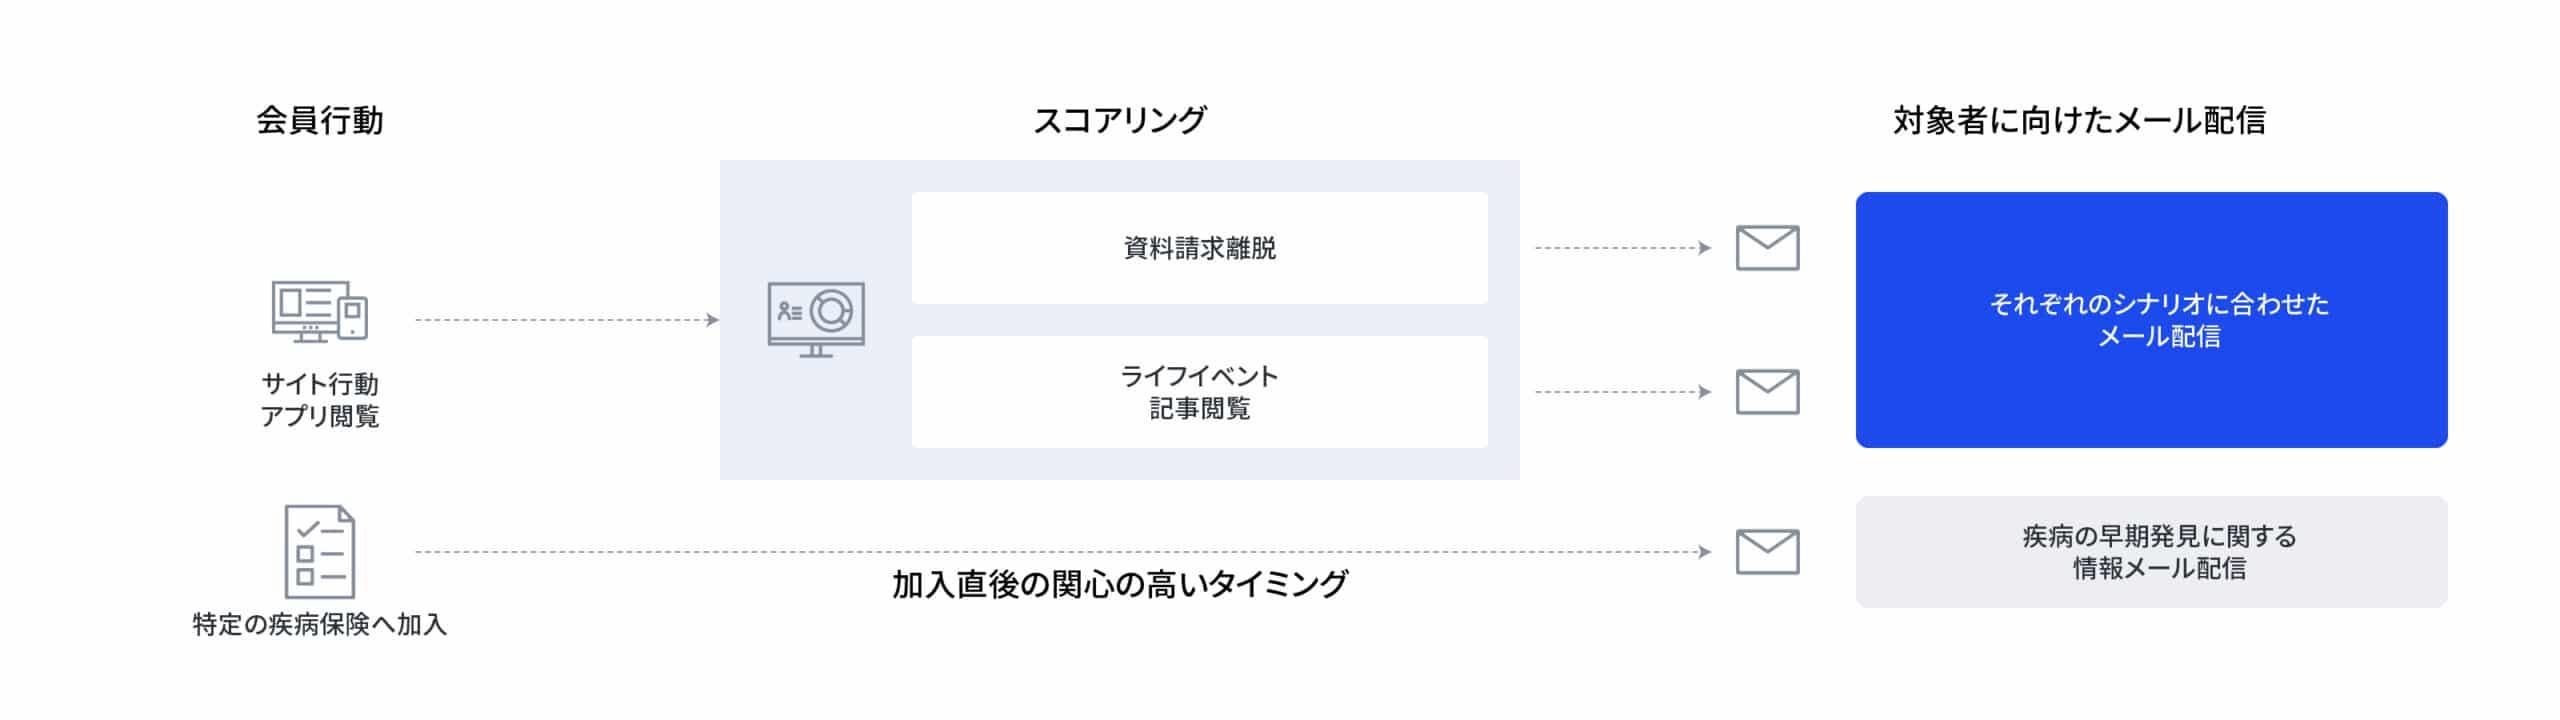 金融・保険業界でのCDP活用パターン2:契約後の最適なフォローによるLTV向上